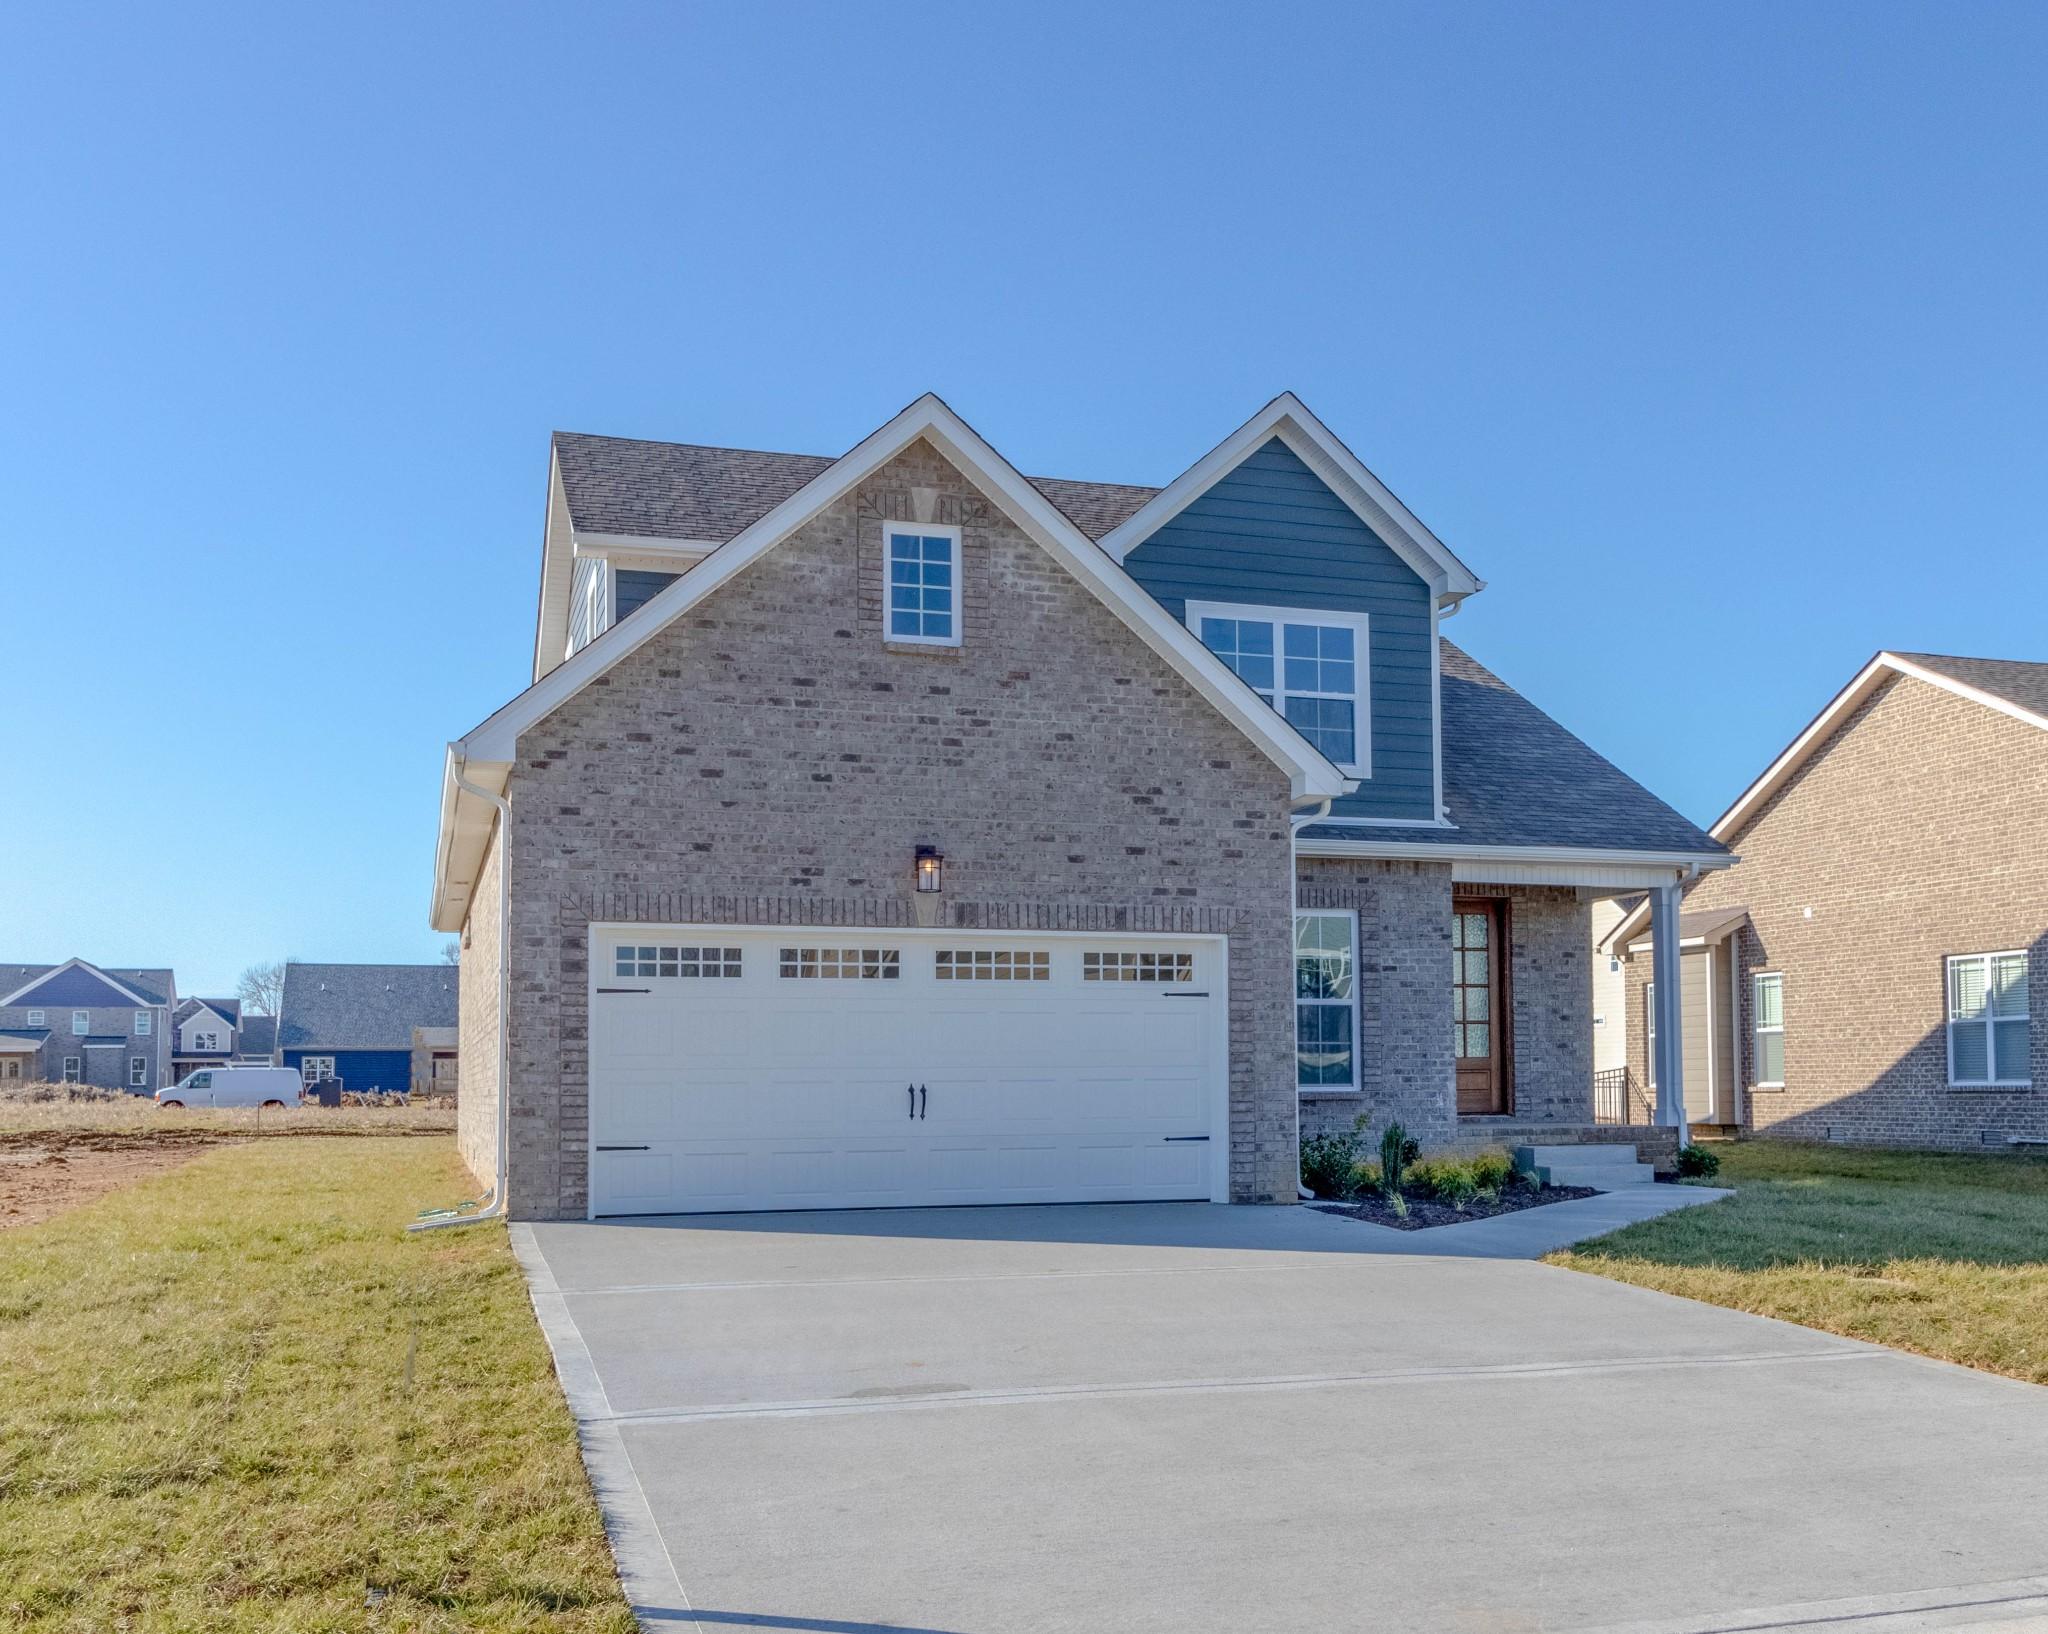 1424 Hereford Blvd, Clarksville, TN 37042 - Clarksville, TN real estate listing